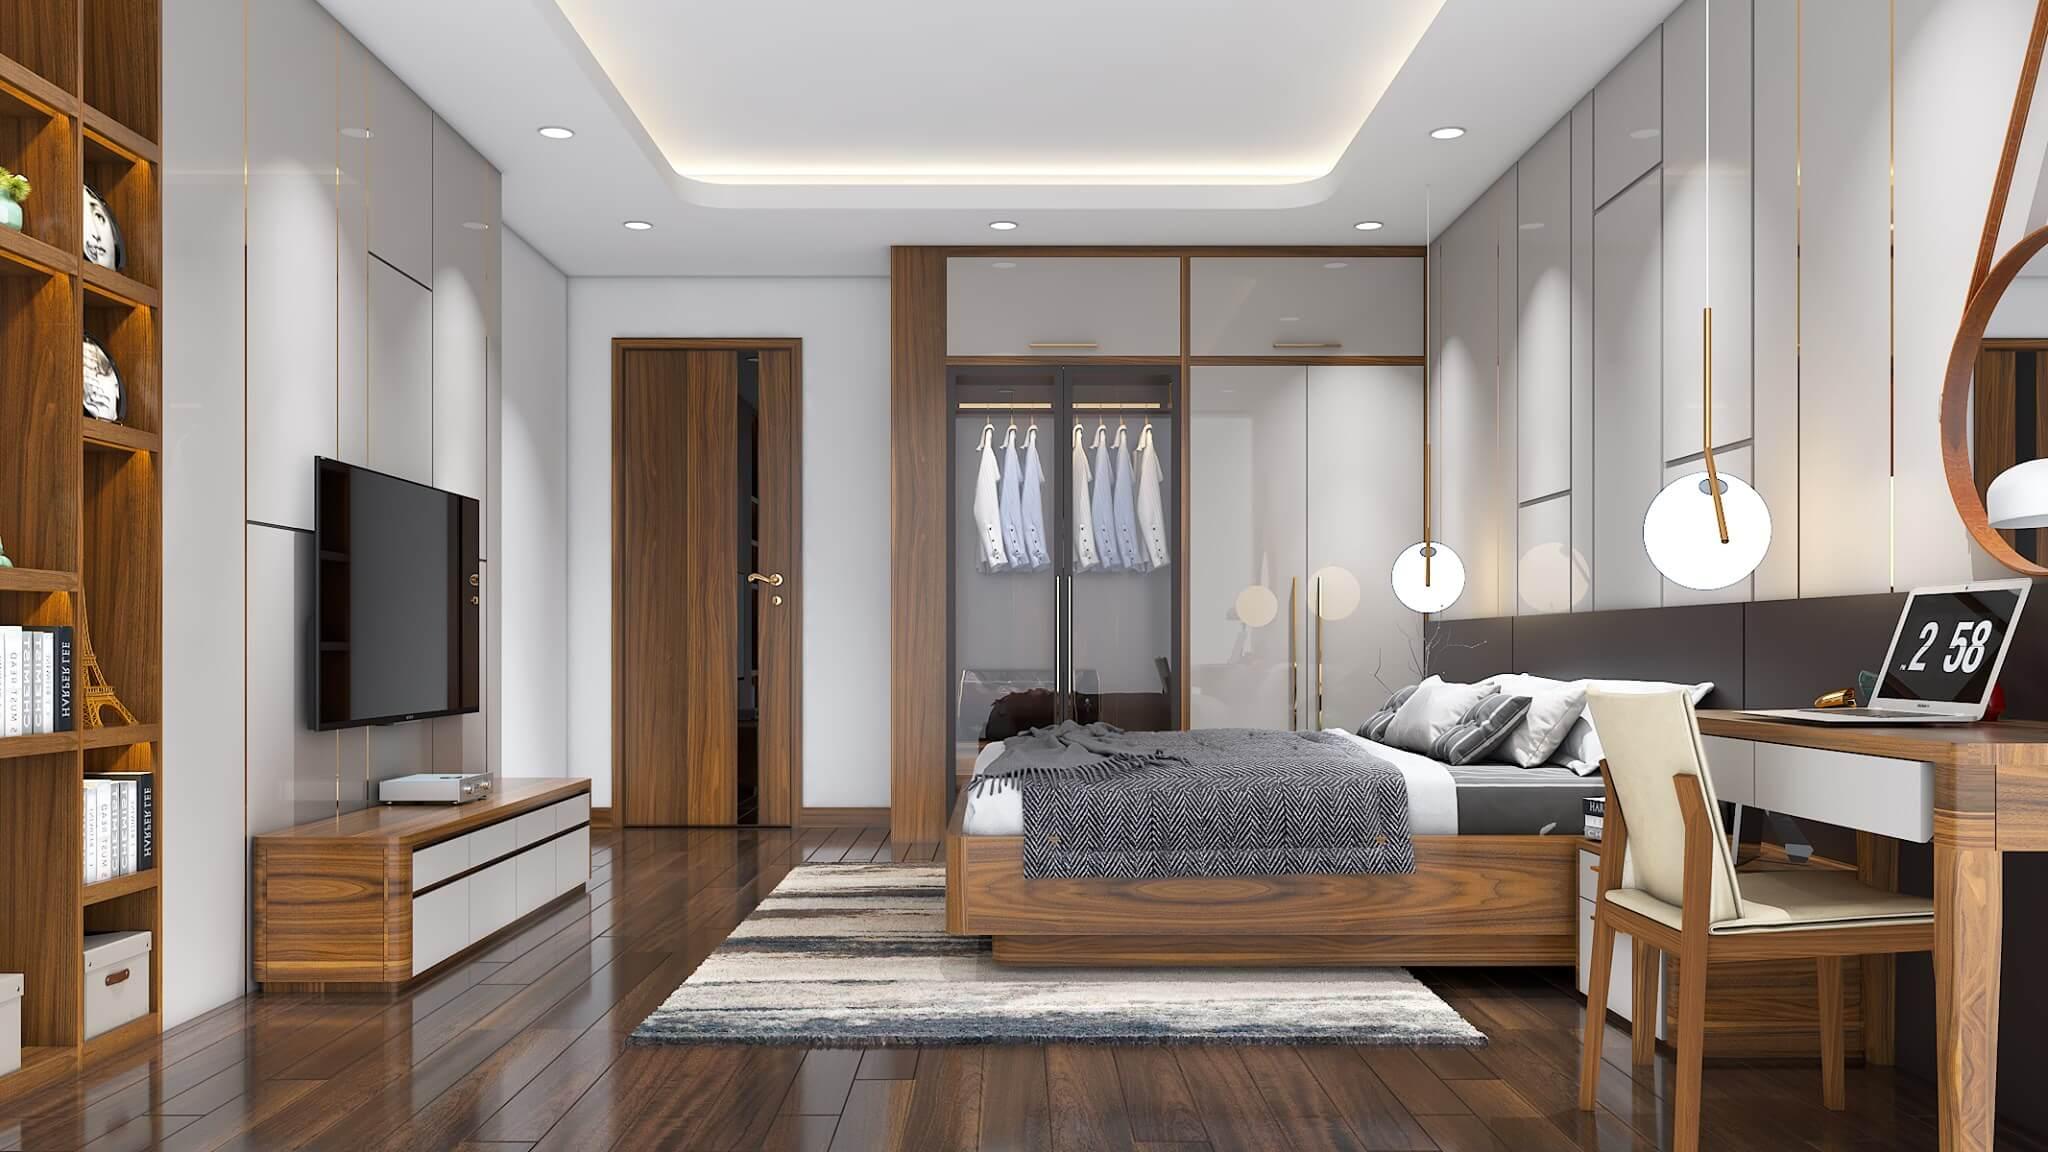 Khung giường ngủ vẫn thể hiện được sự chắc chắn ấn tượng từ gỗ óc chó